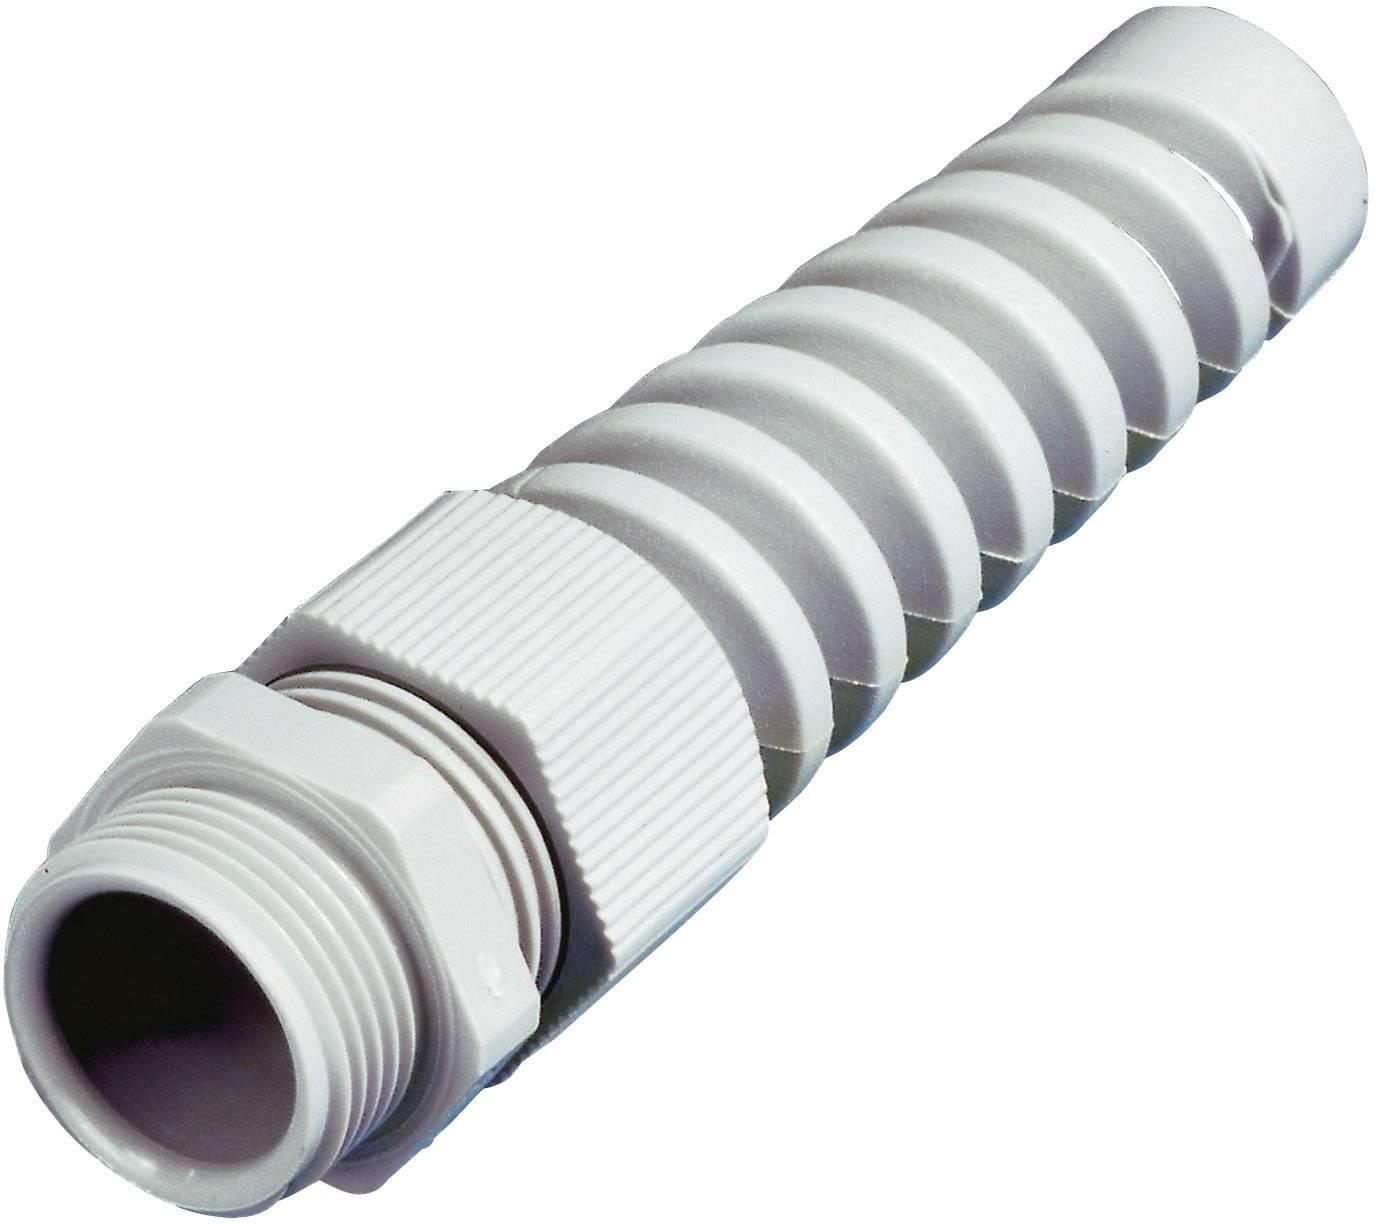 Káblová priechodka Wiska SKVS PG 16 RAL 9005;s odľahčením ťahu, s ochranou pred zlomením, polyamid, čierna, 1 ks